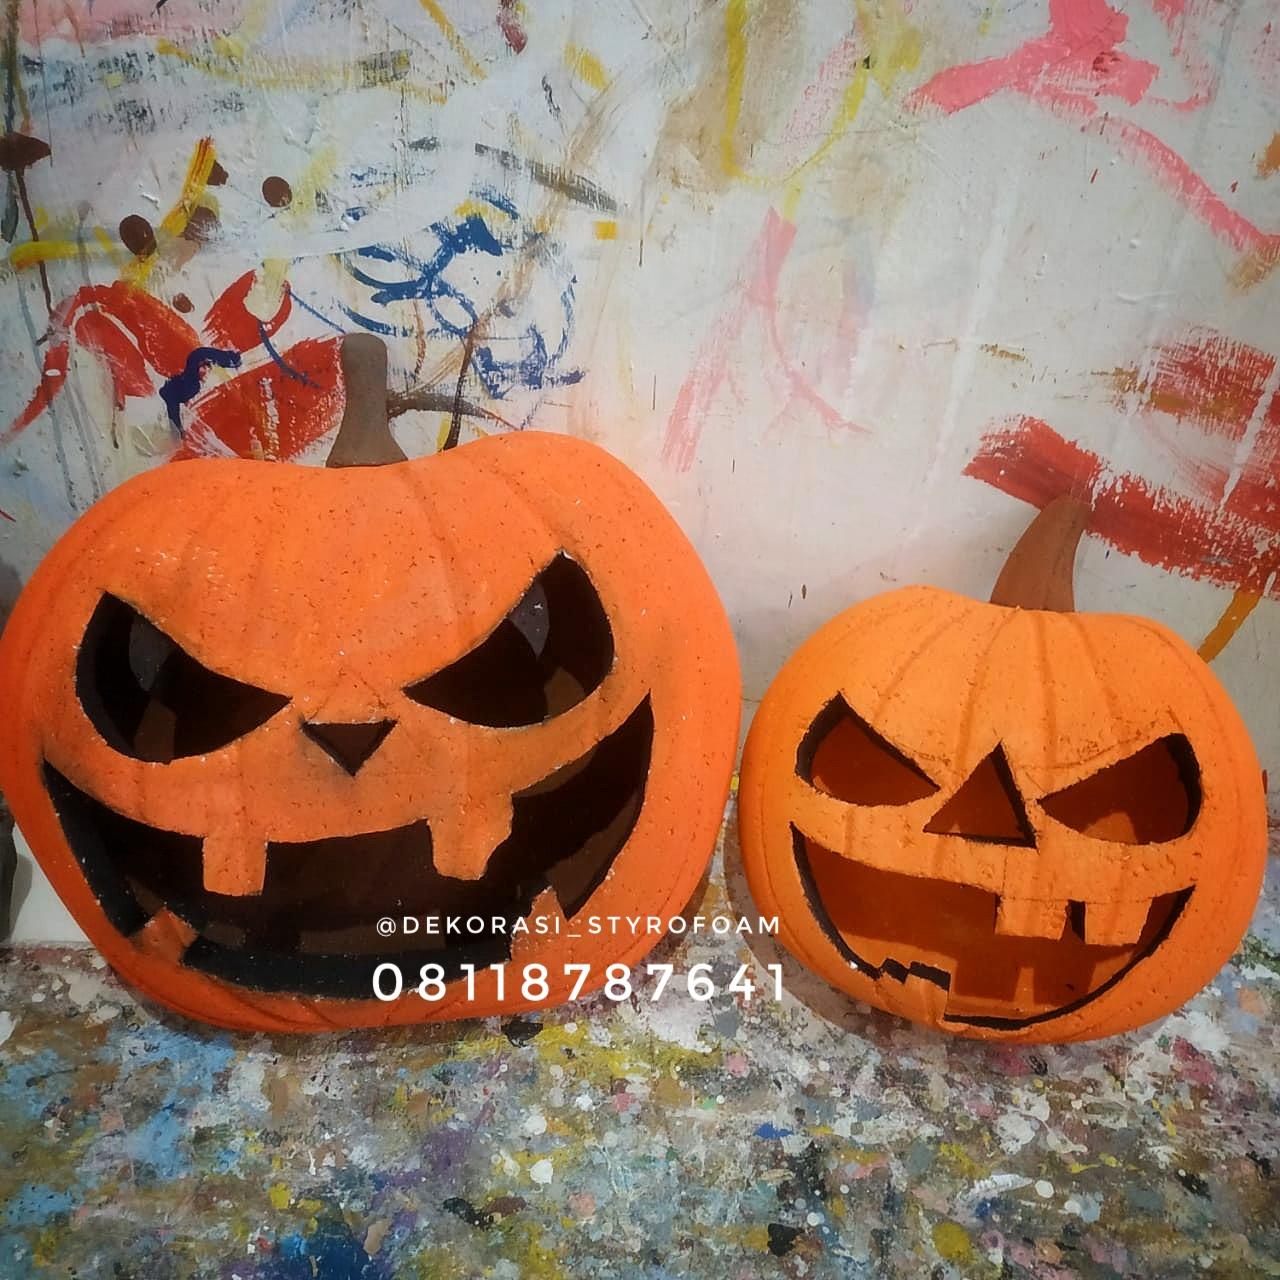 dekorasi styrofoam mengerjakan properti dekorasi untuk momen halloween